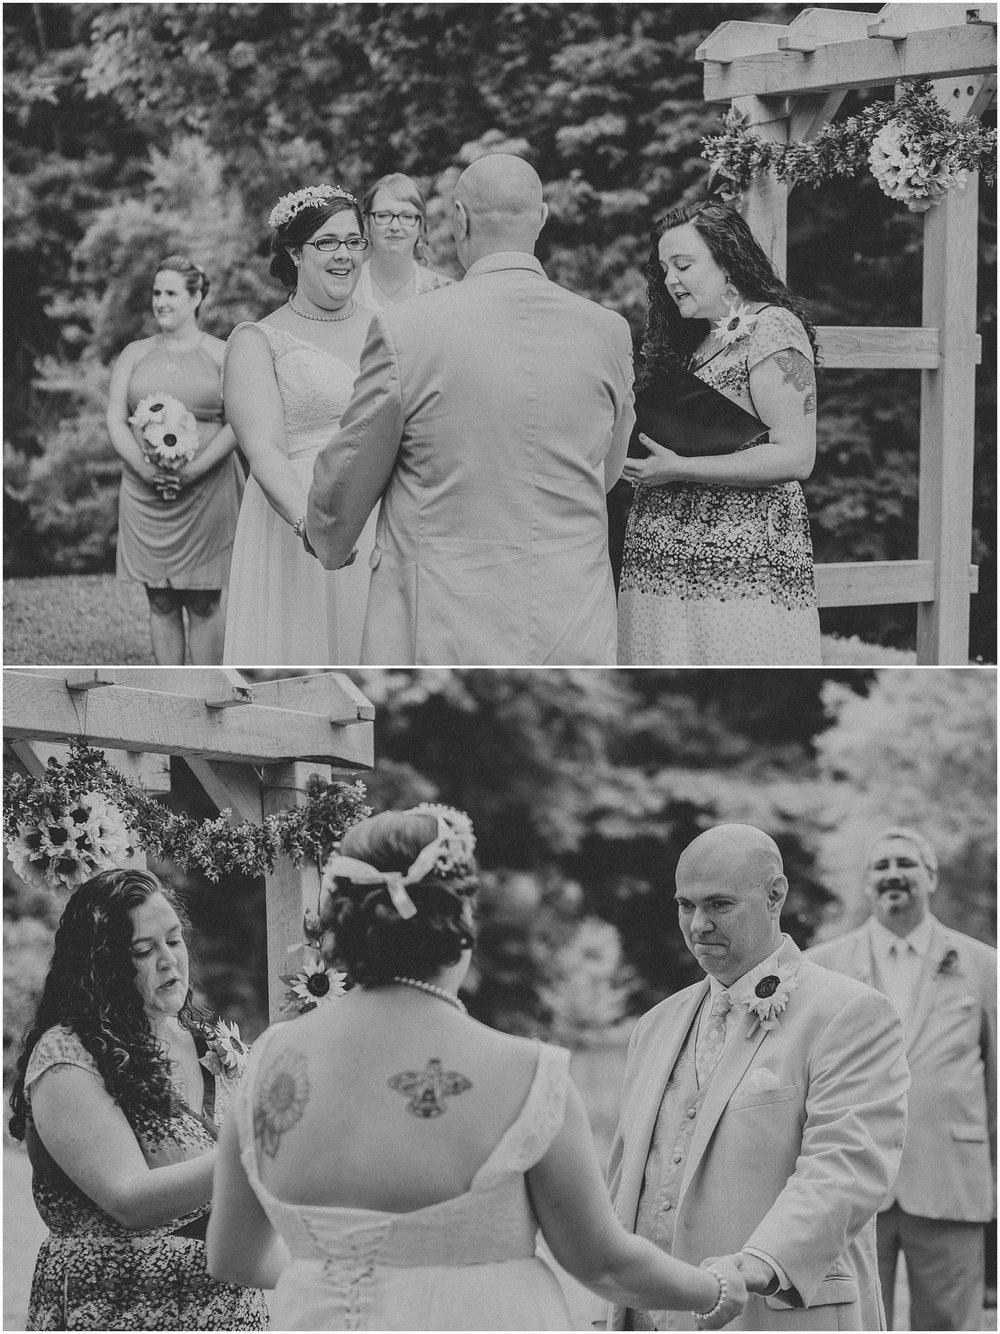 Reading-Pennsylvania-Outdoor-Wedding-DIY-Bride-Groom-Dancing-Laughter-Reception (32).jpg